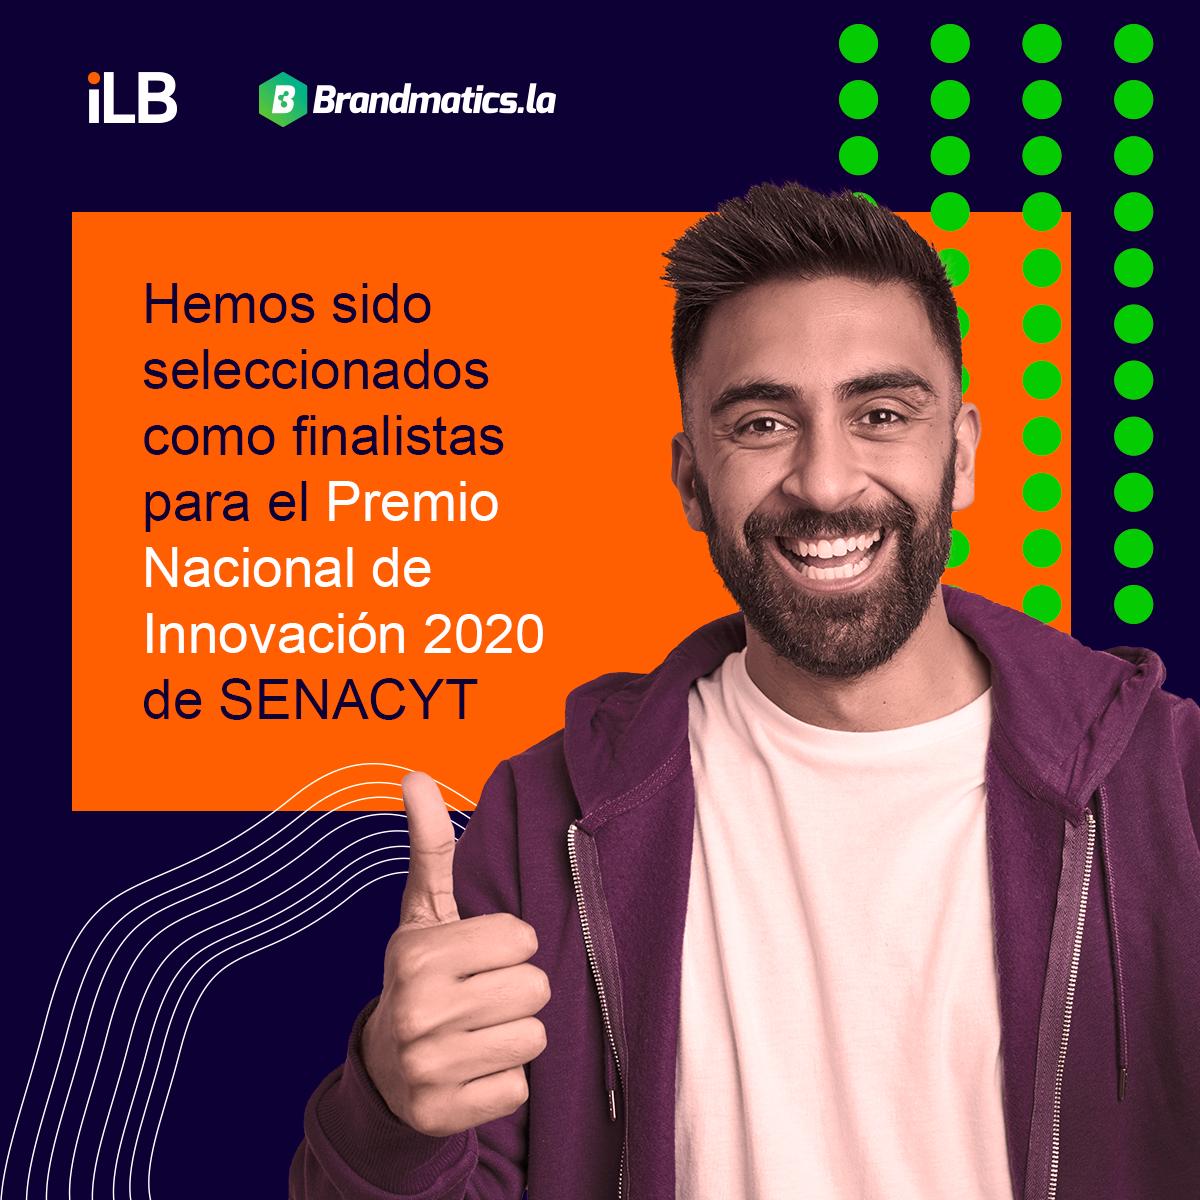 Finalistas en premio nacional de innovación Senacyt Guatemala 2020